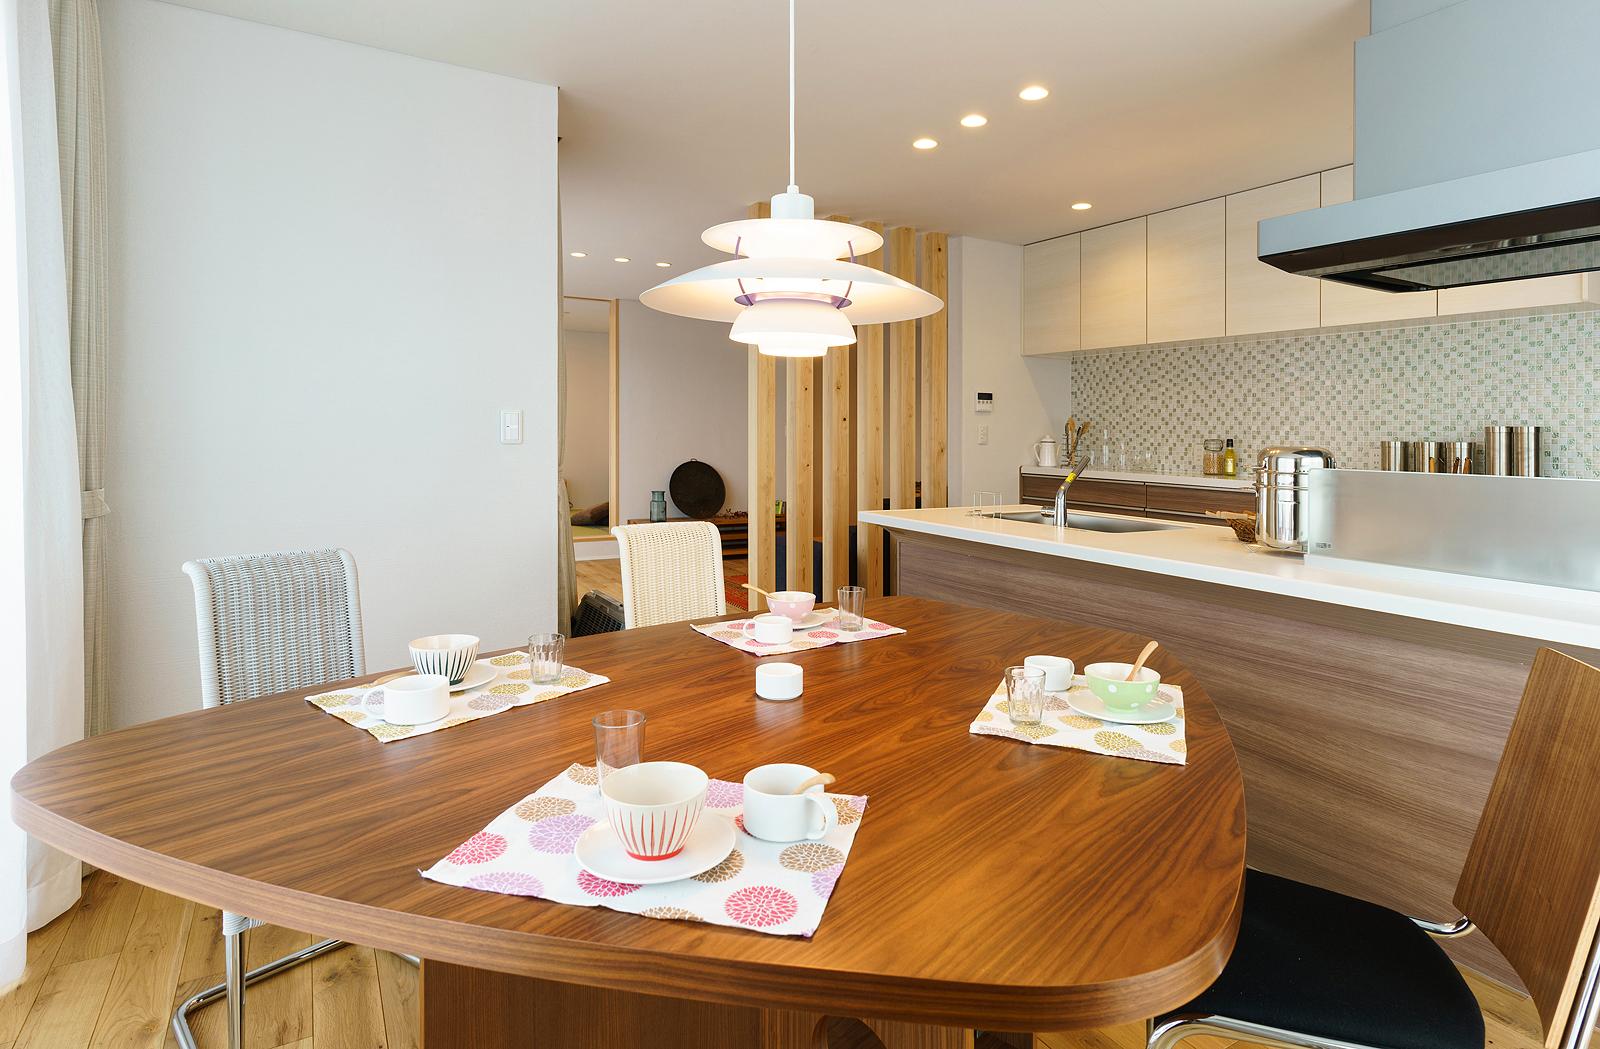 Fさん念願の木製ダイニングテーブル。白い照明は、北欧デンマークのルイスポールセンのもの